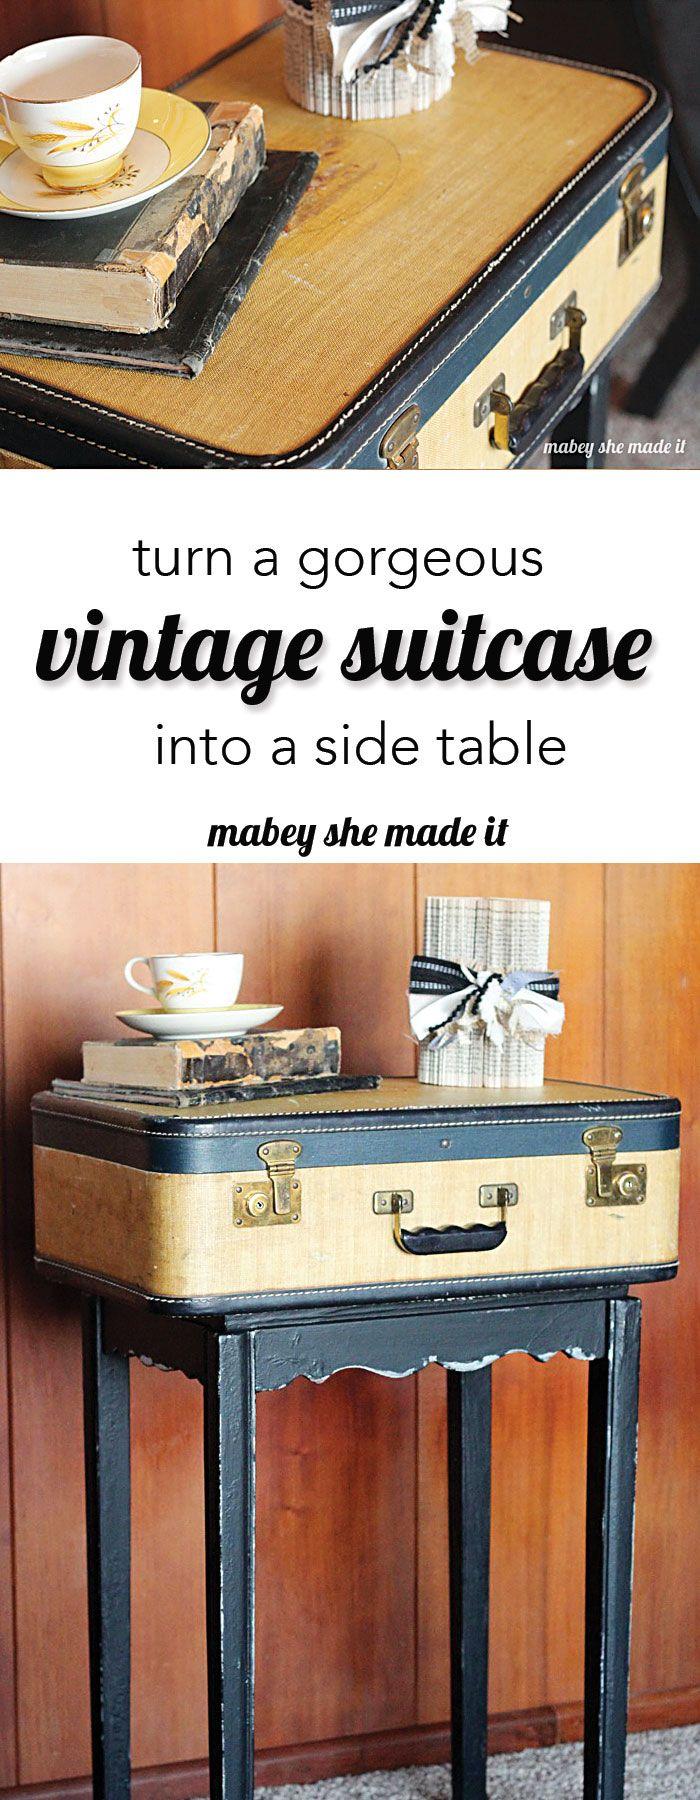 vintage suitcase table makeover suitcases vintage suitcase rh pinterest com